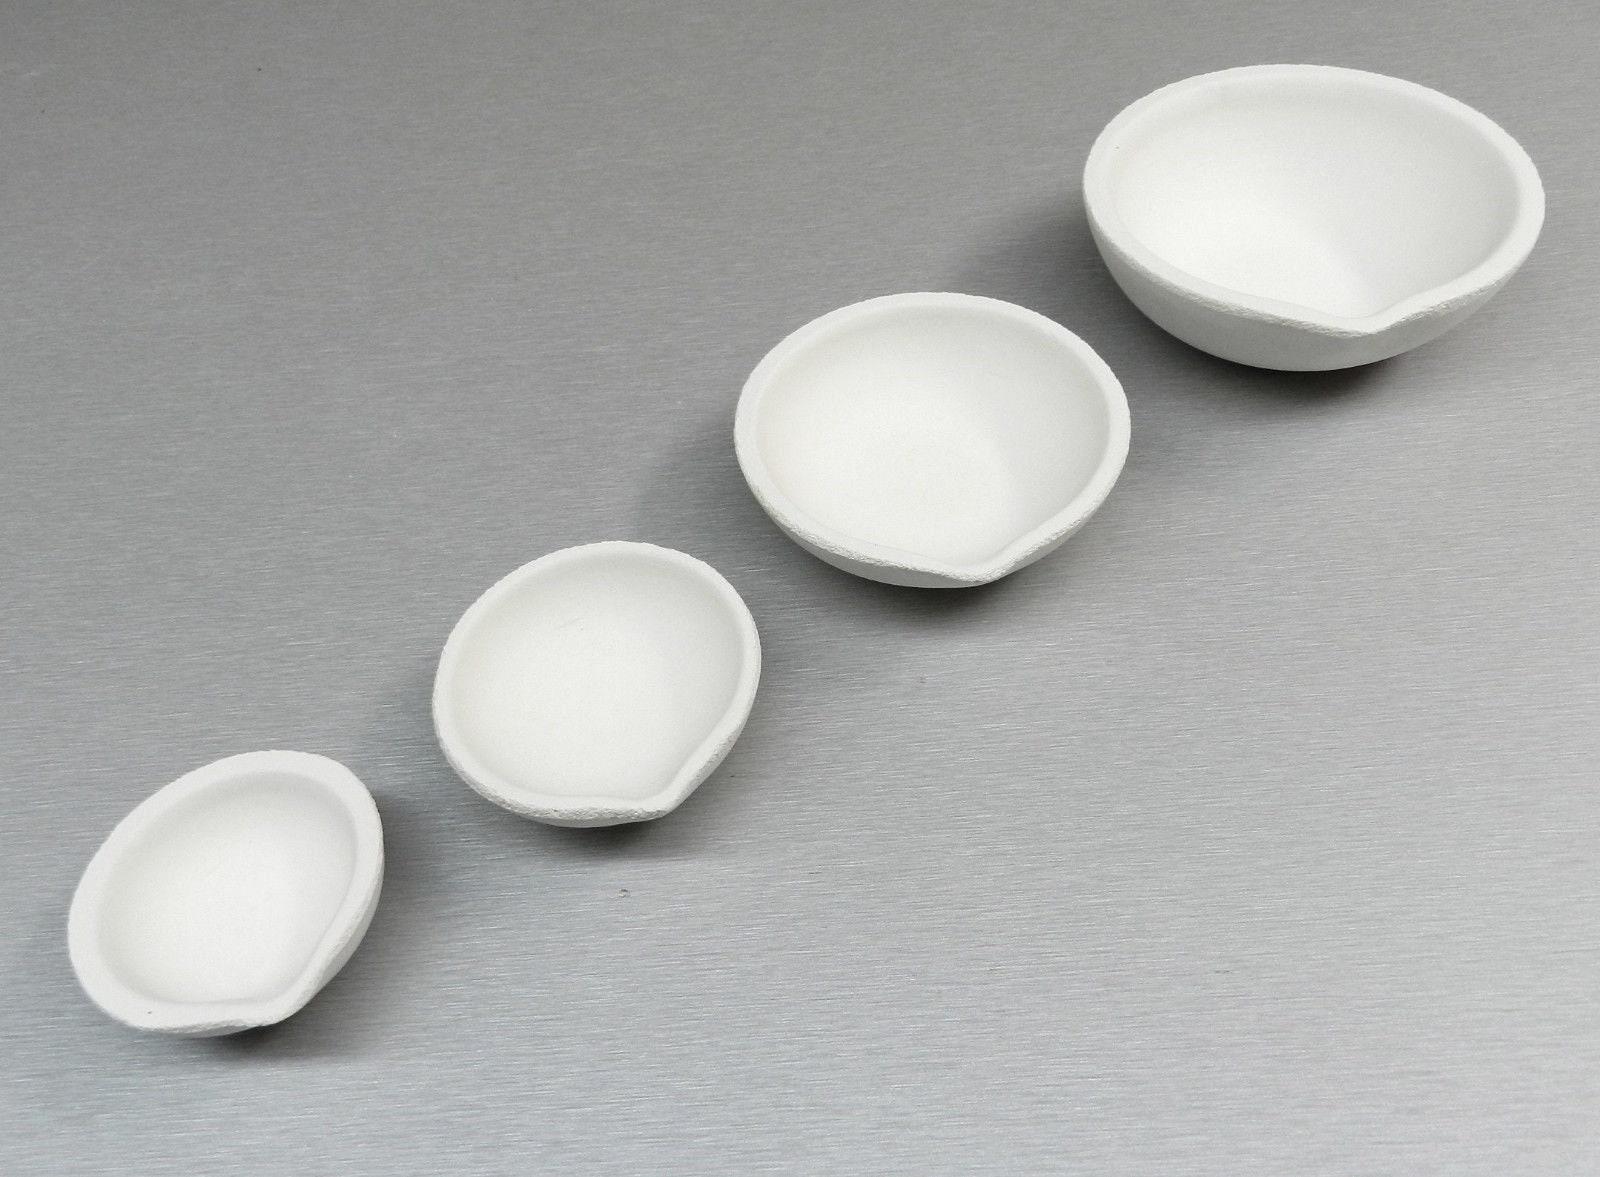 Céramique fonte plat creusets coupe silice ensemble 4 taille taille taille bijoux en argent or coulée (15E) 2ac814